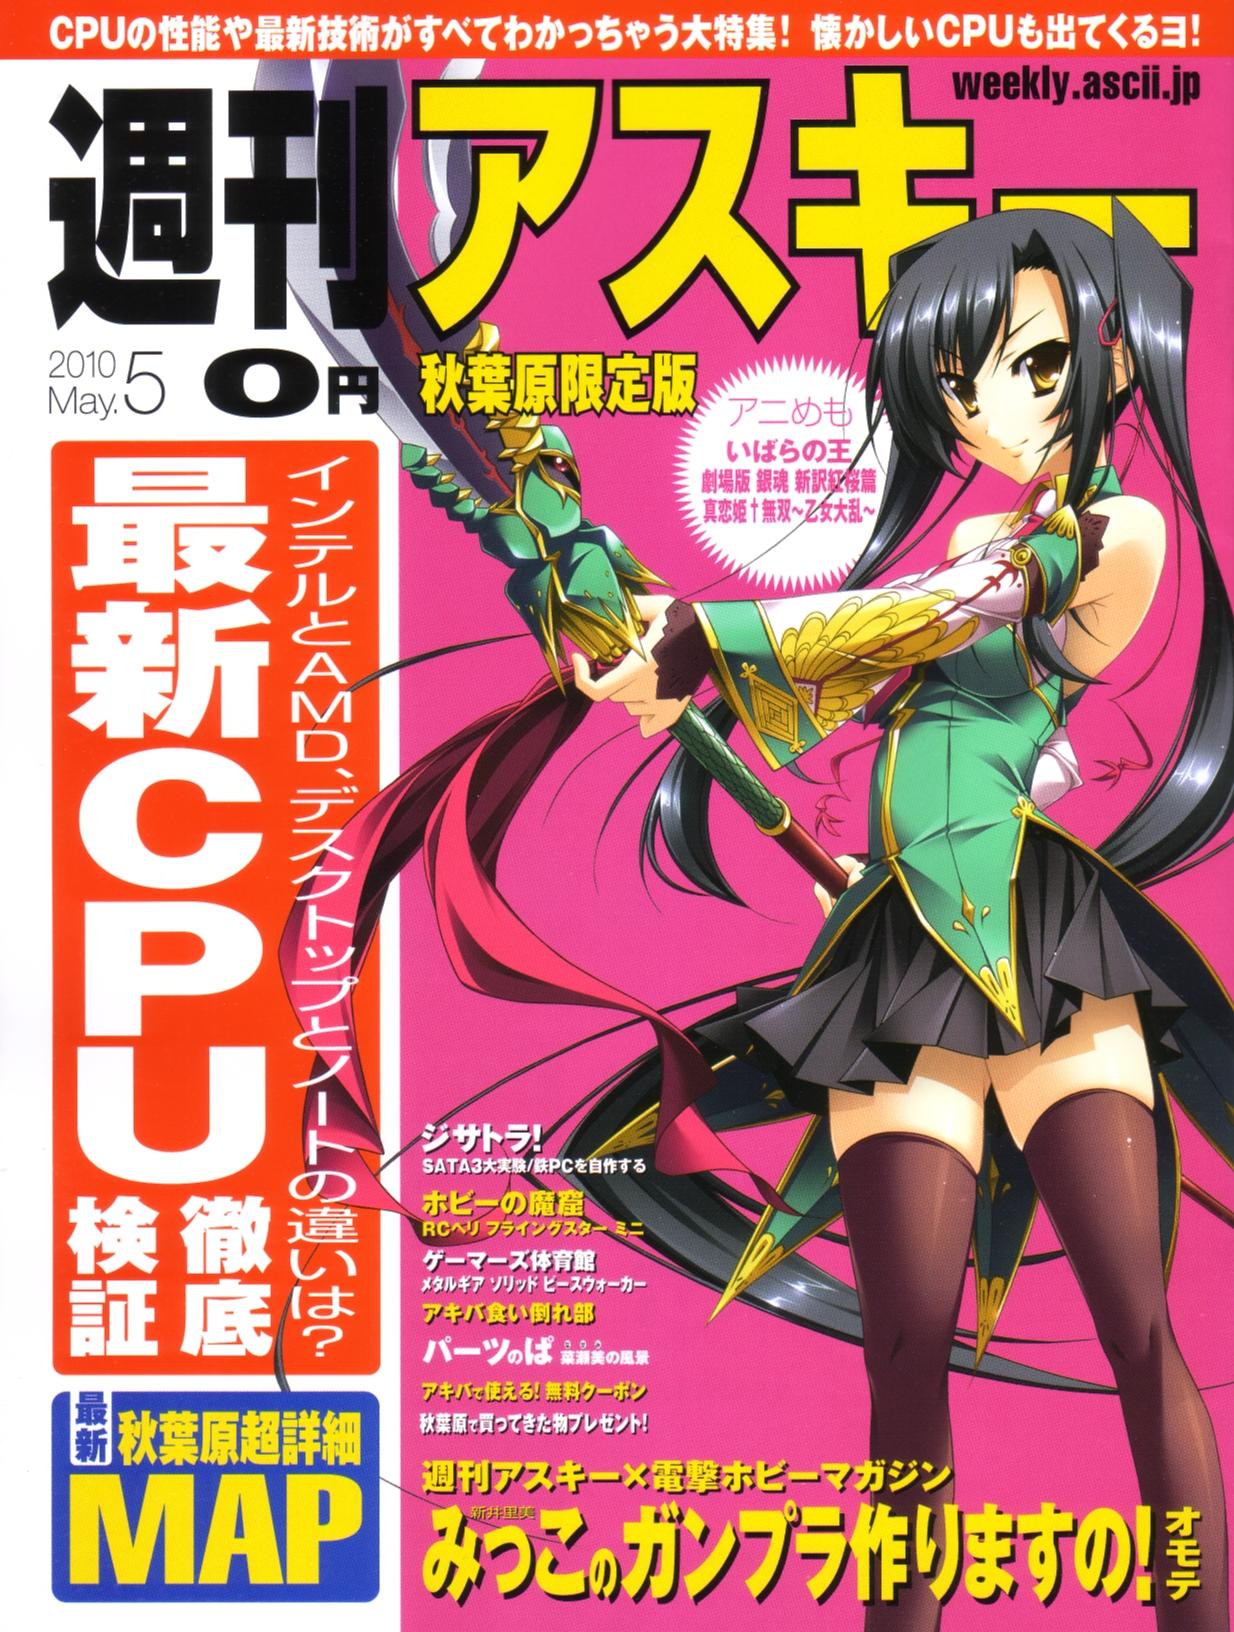 Kan U Unchou Koihime Musou Koihime Musou Zerochan Anime